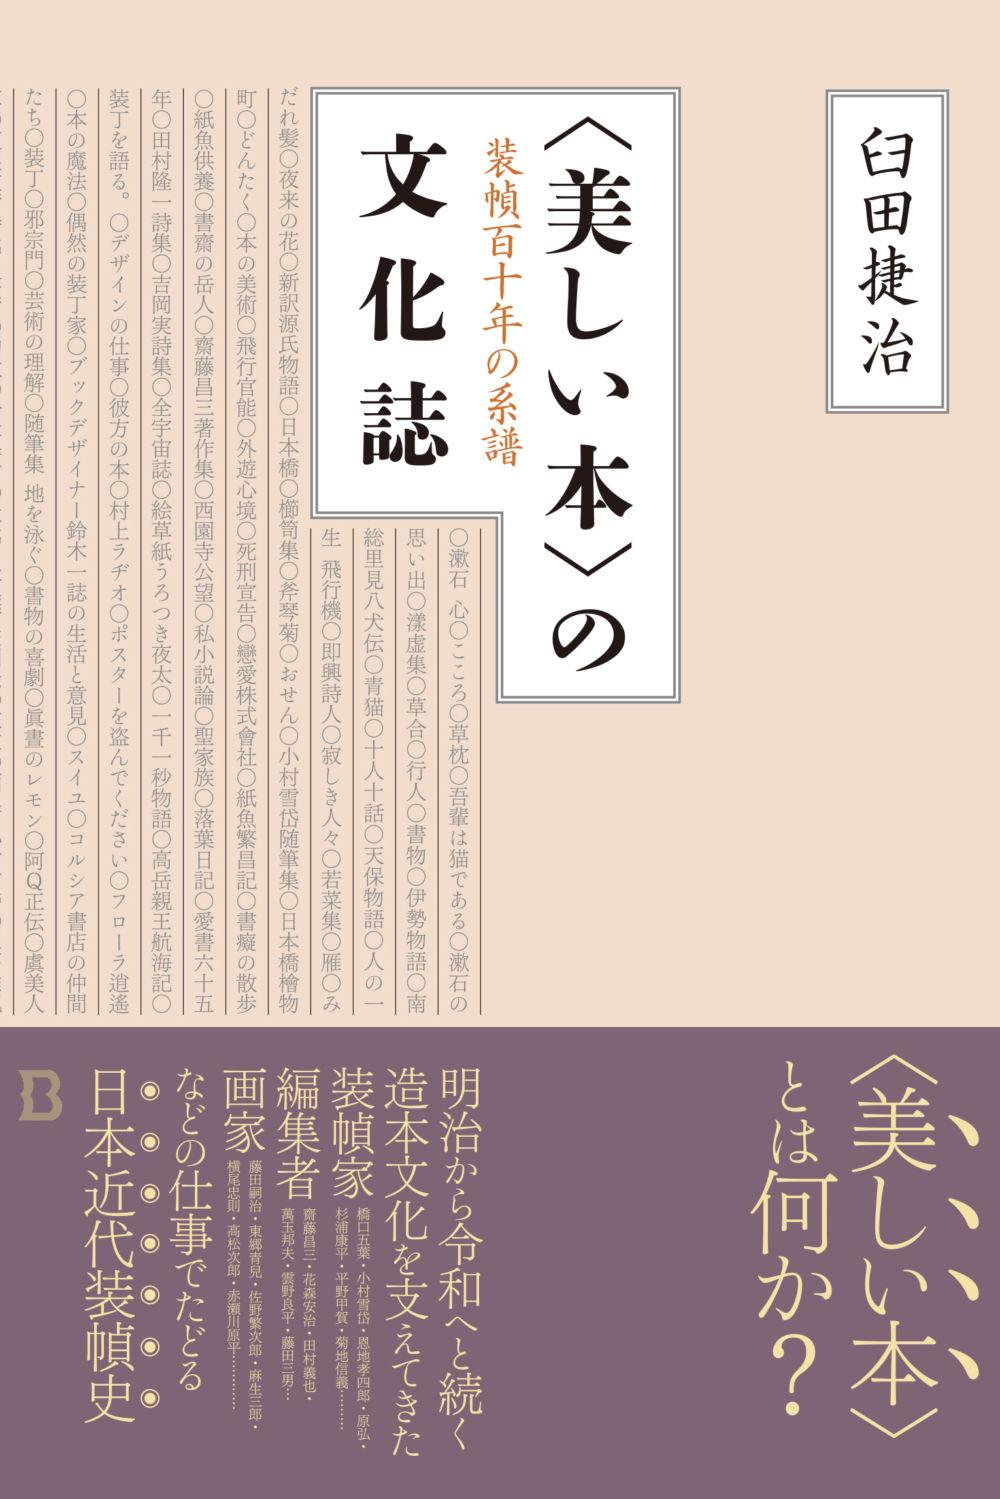 『〈美しい本〉の文化誌』[2020年4月17日発売予定]